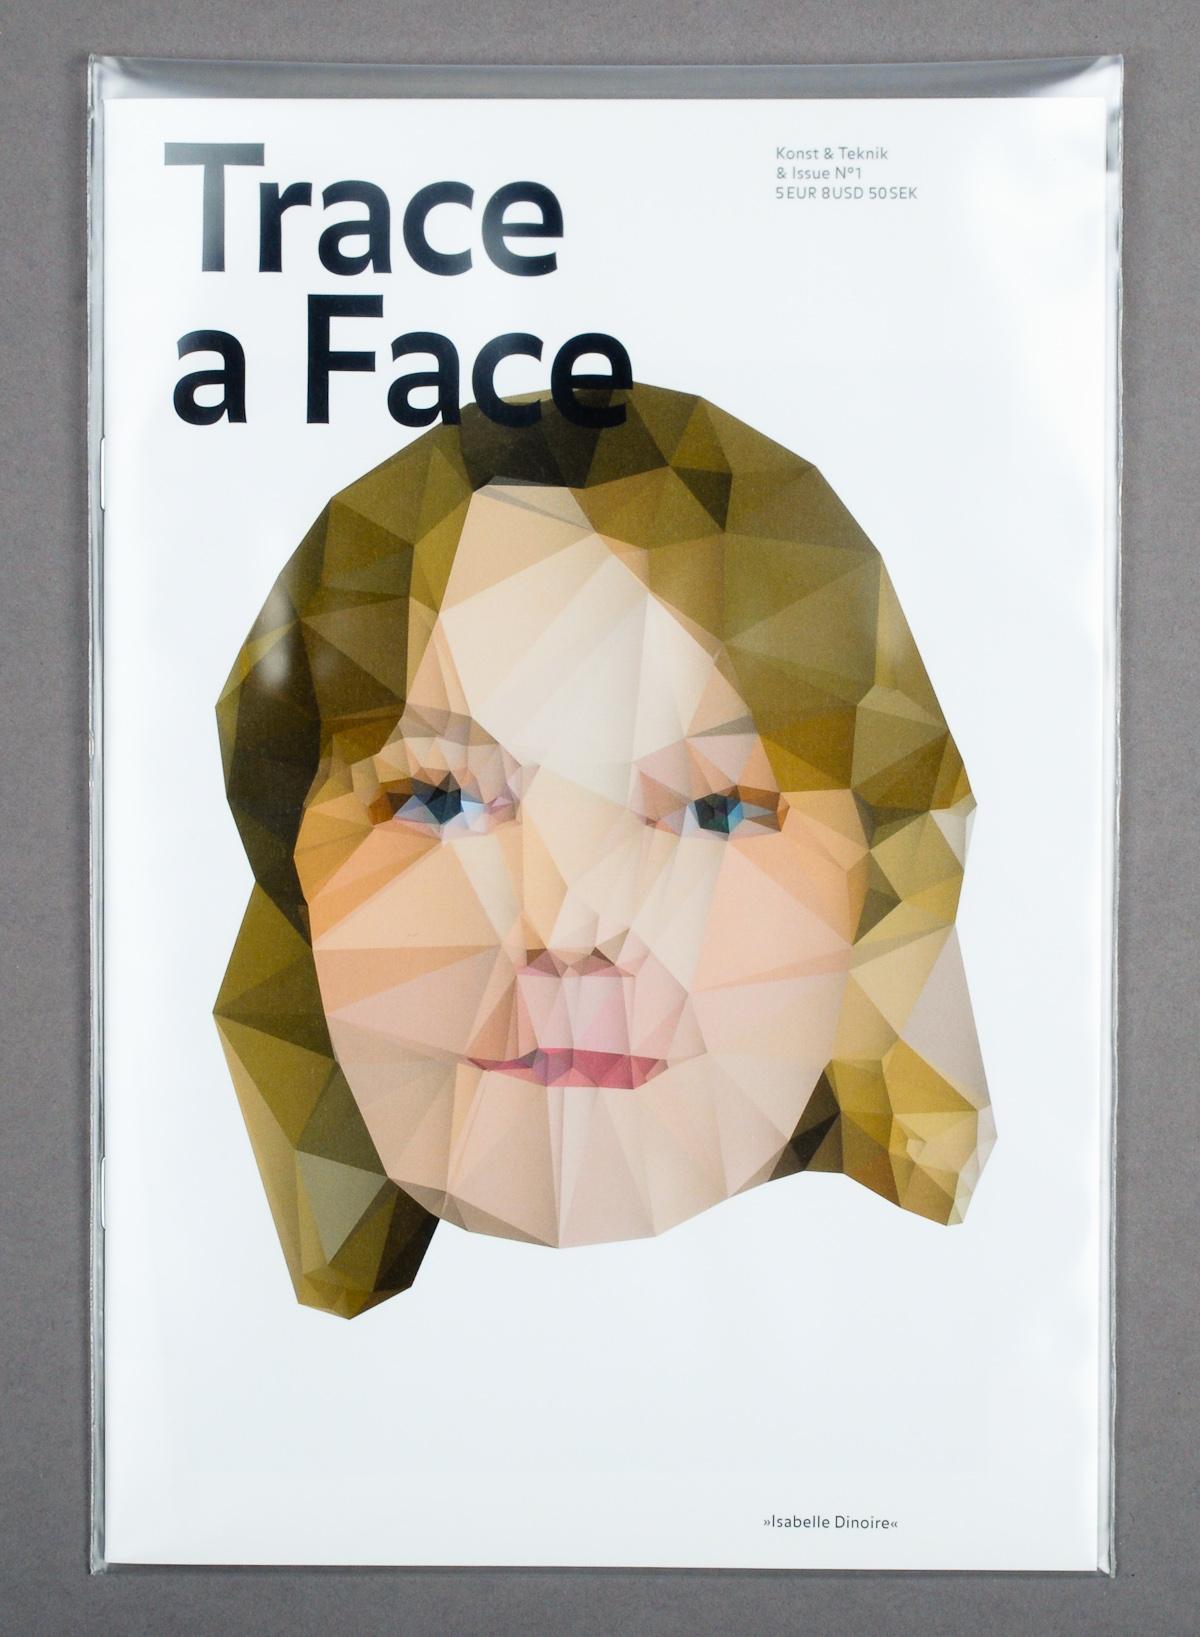 Konst-Teknik-Trace-A-Face-1